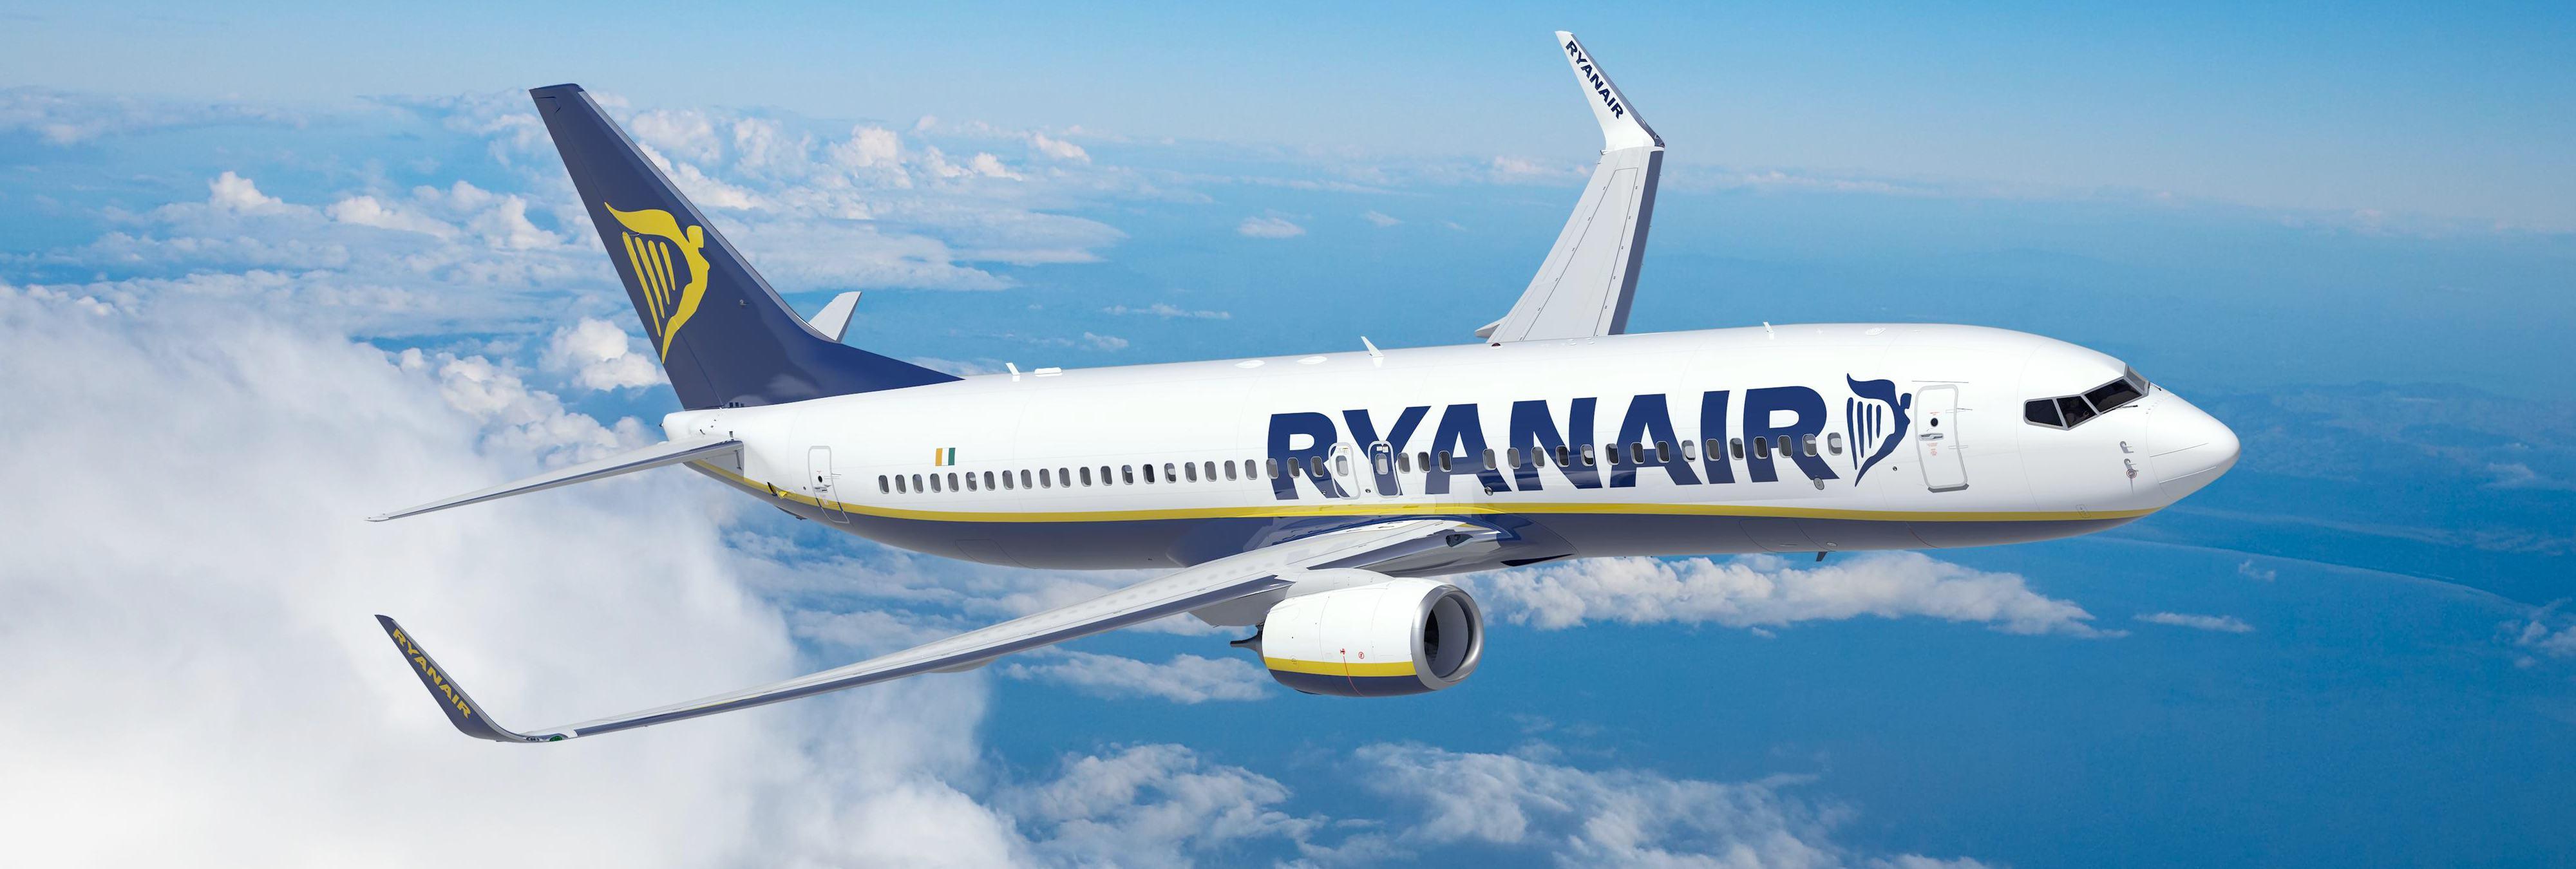 Se cambia el nombre en la vida real porque es más barato que hacerlo en Ryanair